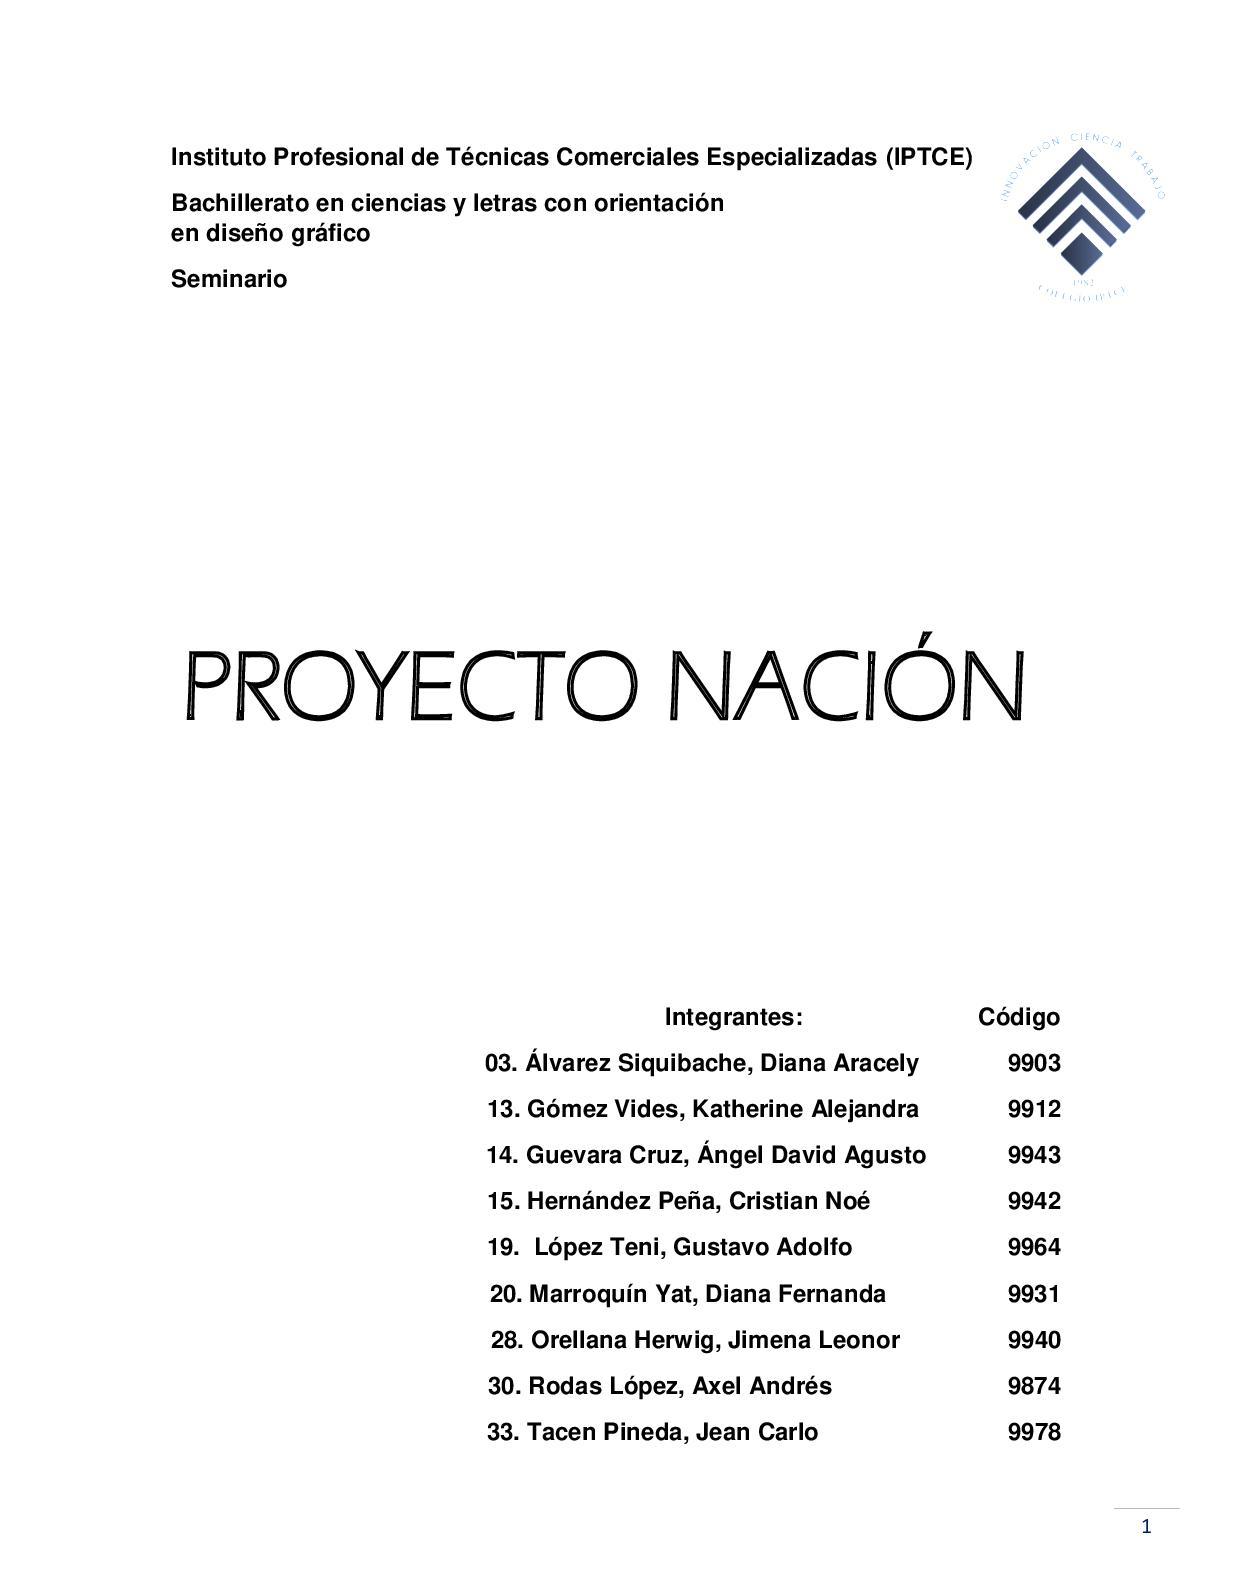 Proyecto Nación